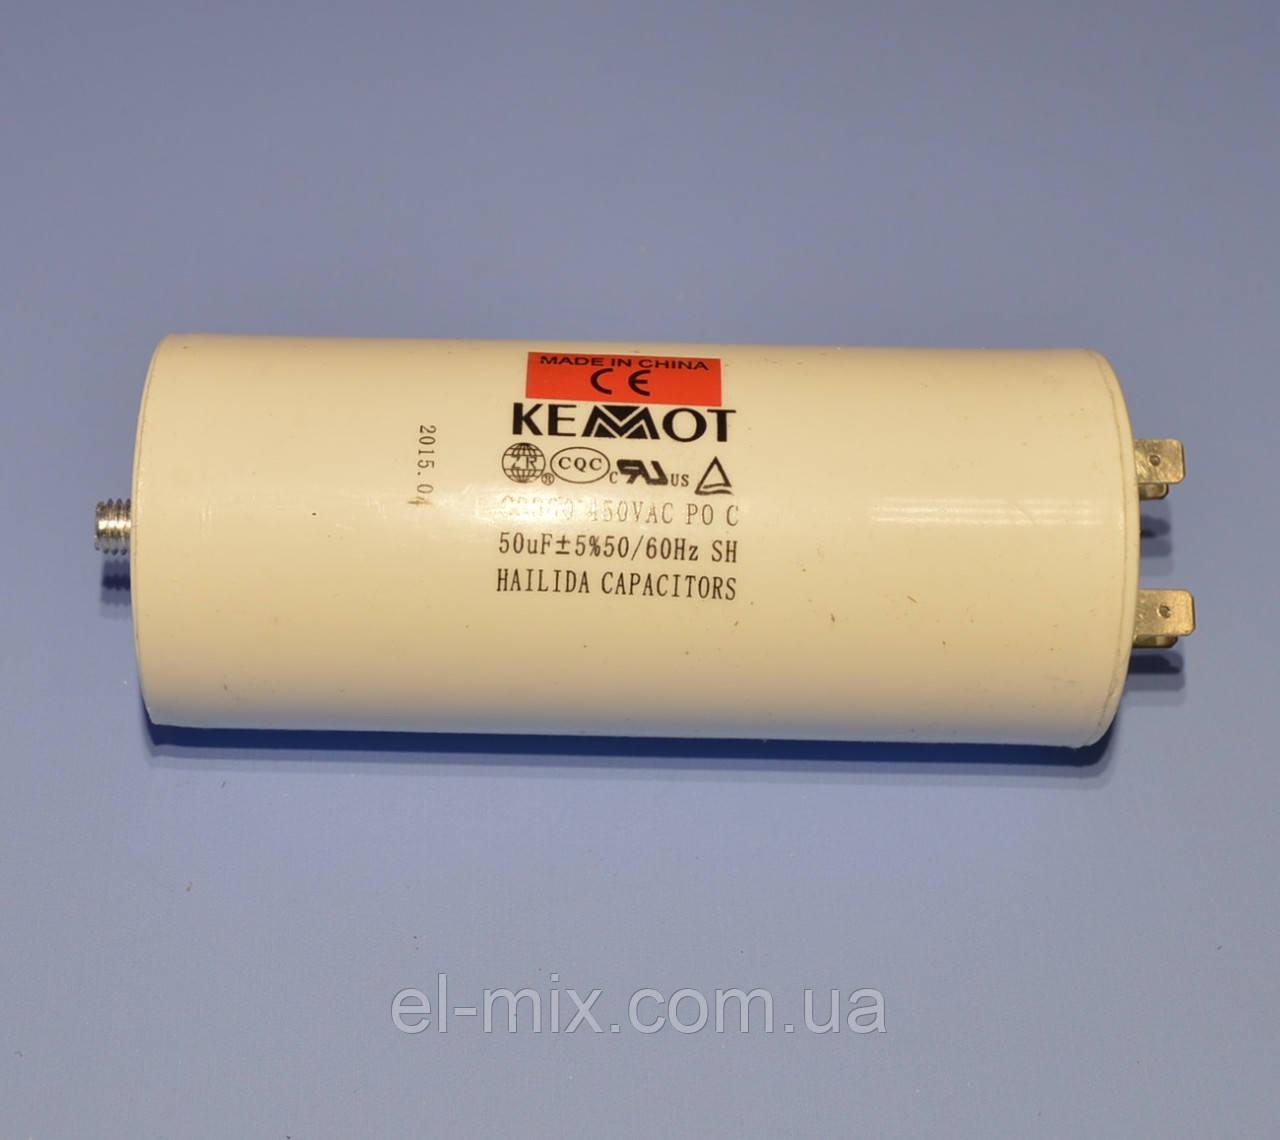 Конденсатор пуско-рабочий CBB-60M  50µF 450VAC ±5% клеммы+болт, 55*130мм  Kemot  URZ3138